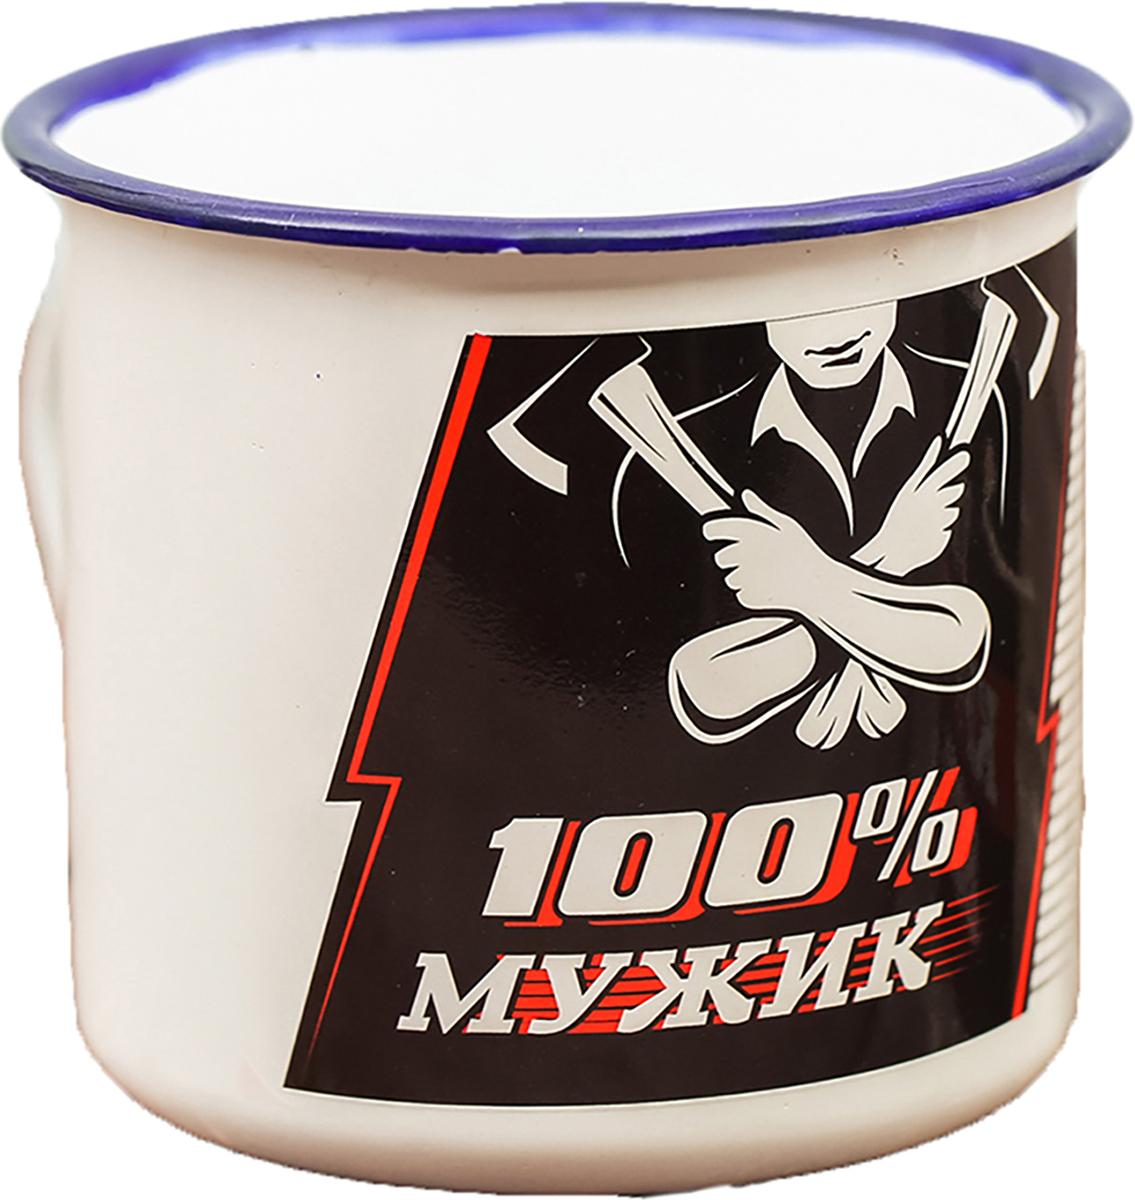 Кружка Sima-Land 100% мужик, 350 мл. 21961032196103Порадуйте близких кружкой в винтажном стиле. Такой аксессуар - символ целой эпохи, о которой у многих остались самые теплые воспоминания. Изделие не разобьется, его легко мыть. Особенности: - не впитывает запахов, - краска не сходит со временем, - ручка не нагревается от горячей жидкости. Рекомендуется использовать неабразивные моющие средства.